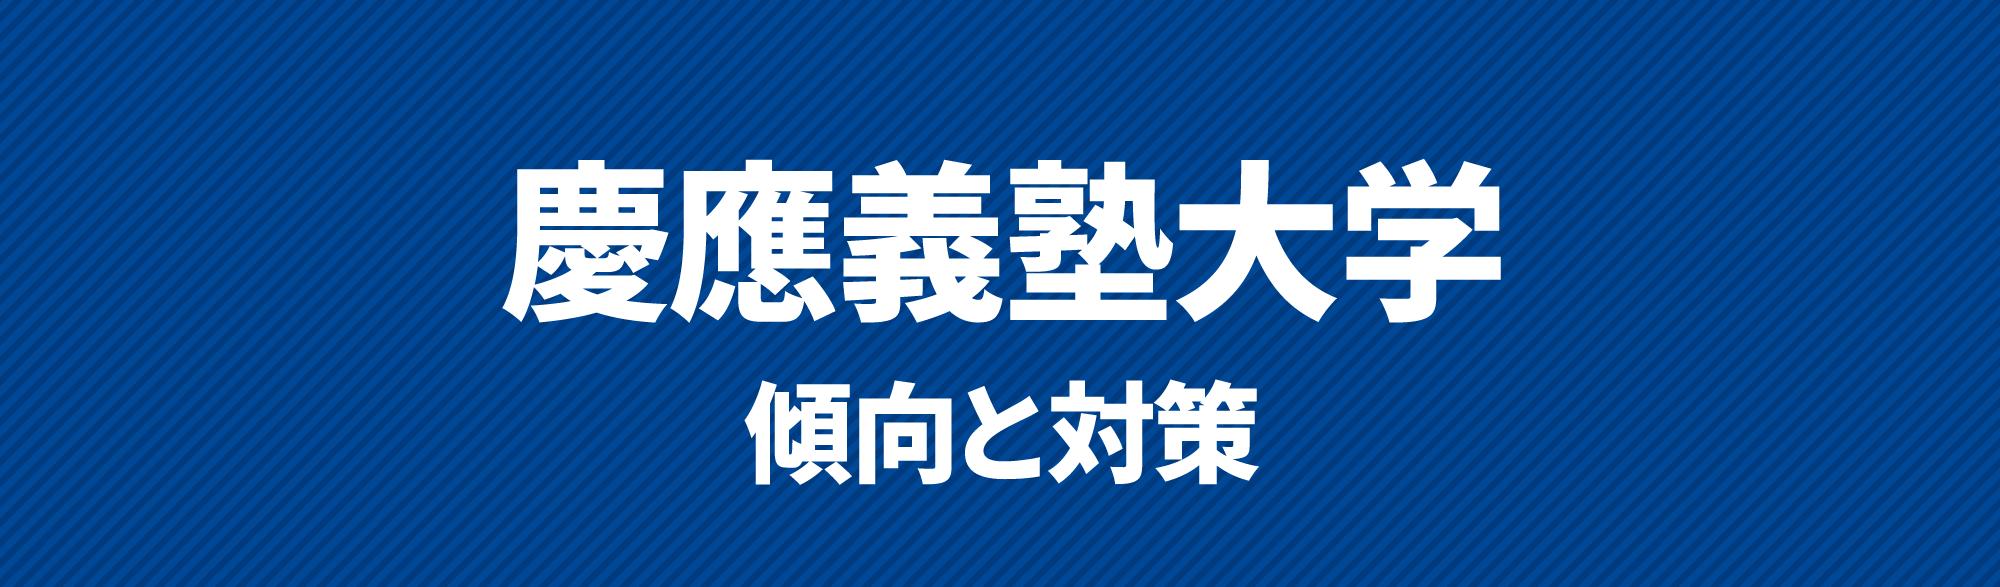 慶應義塾大学 勉強法